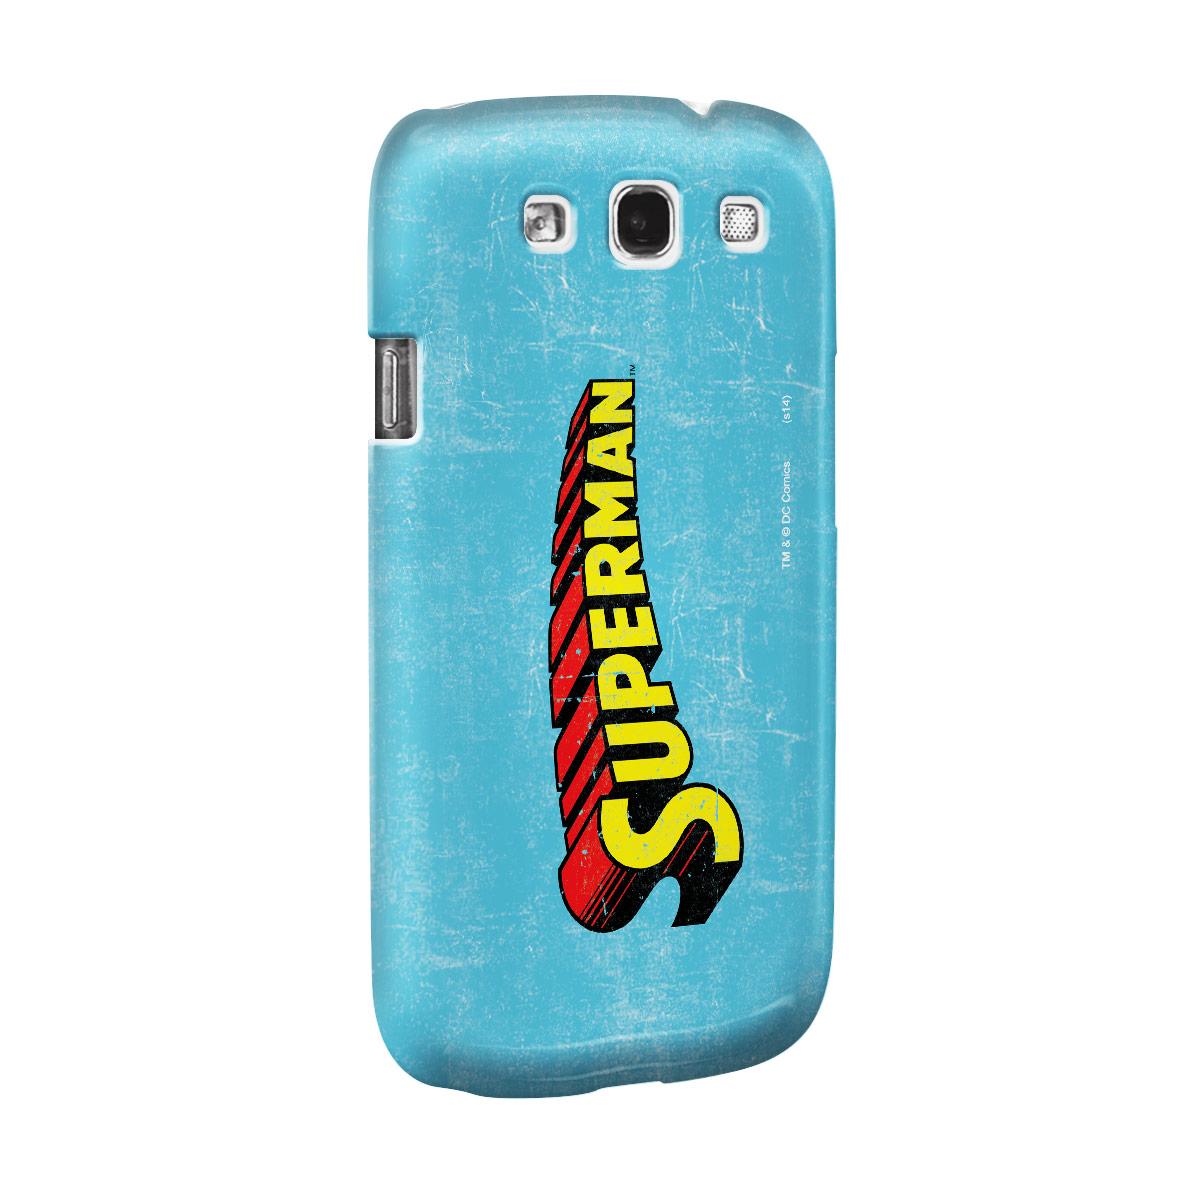 Capa de Celular Samsung Galaxy S3 Superman Logo Clássico